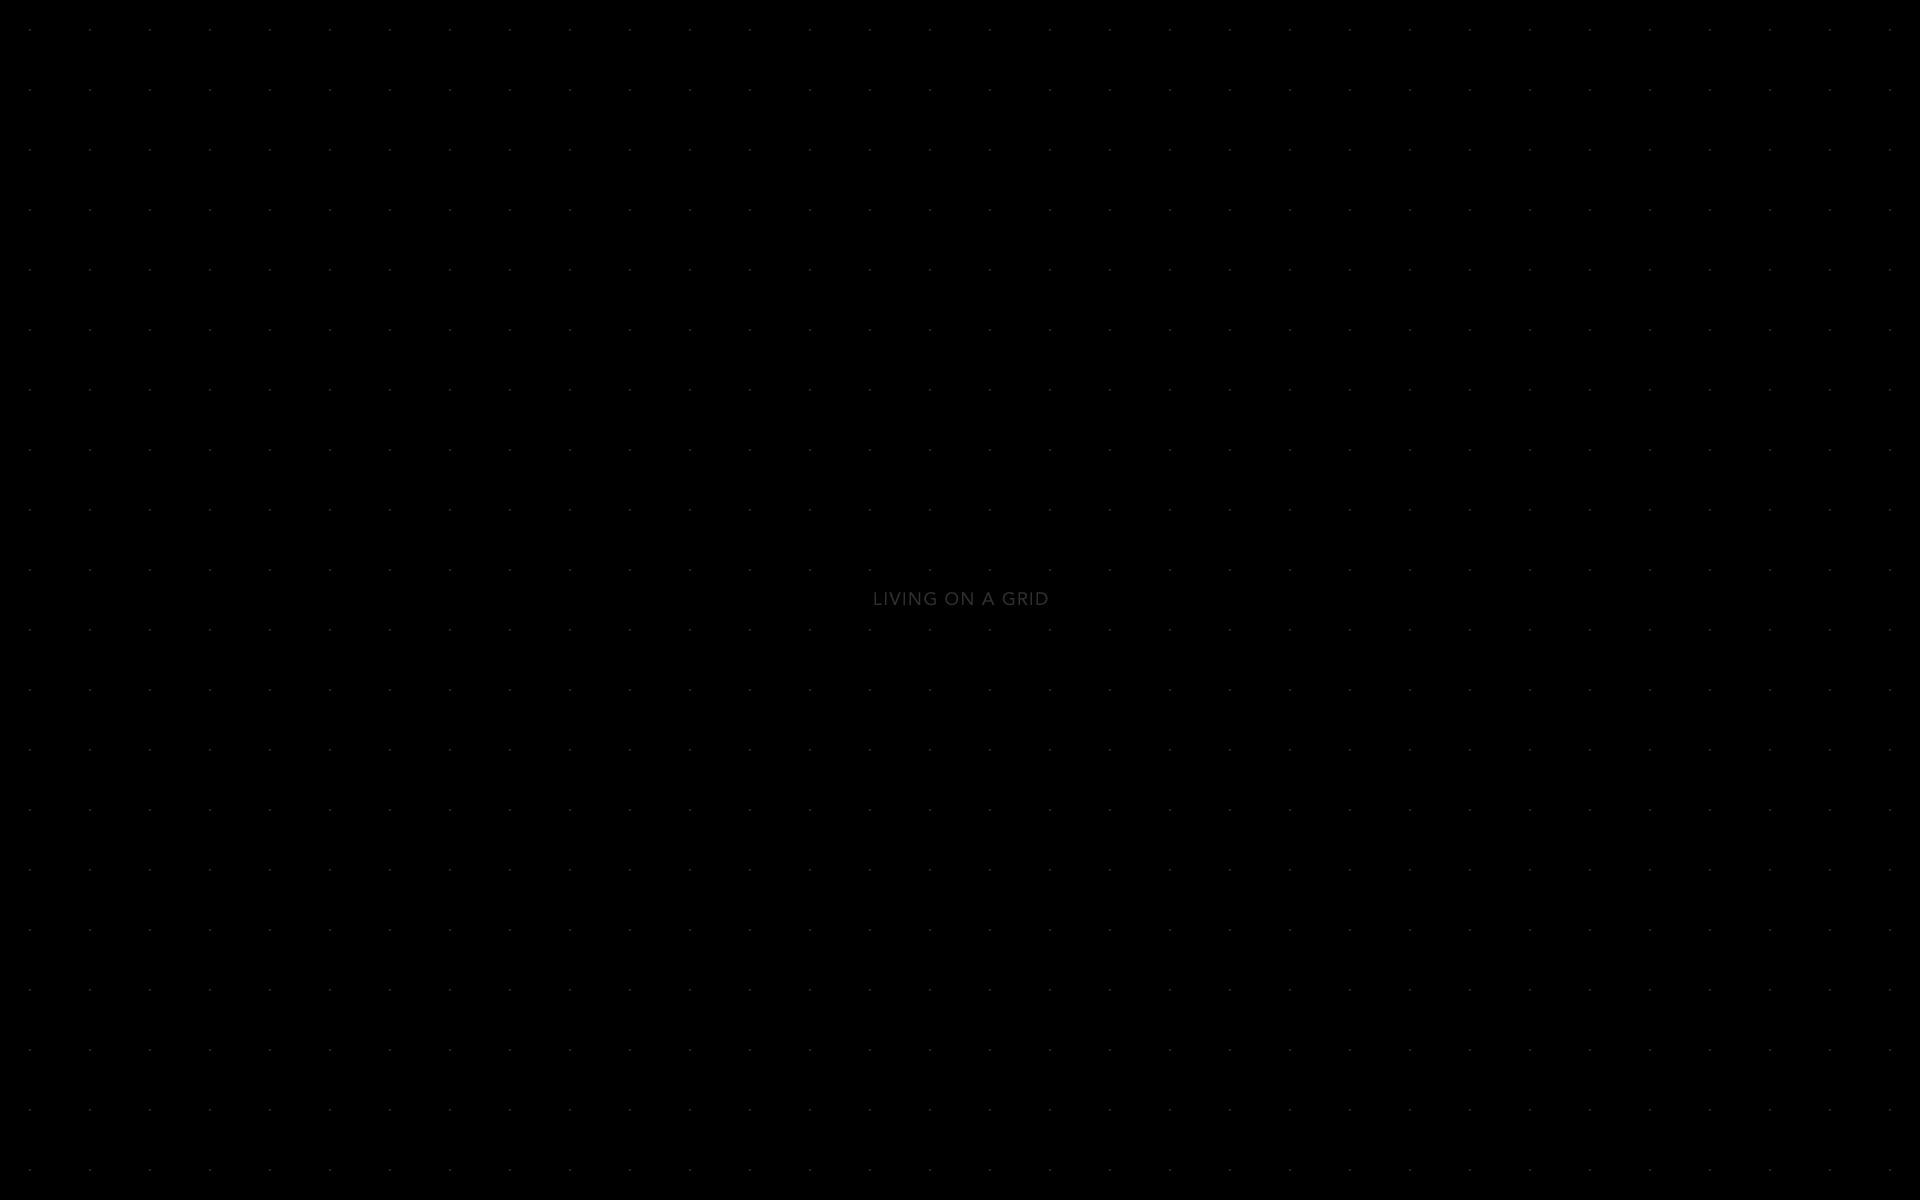 Dark grid desktop background jared erickson